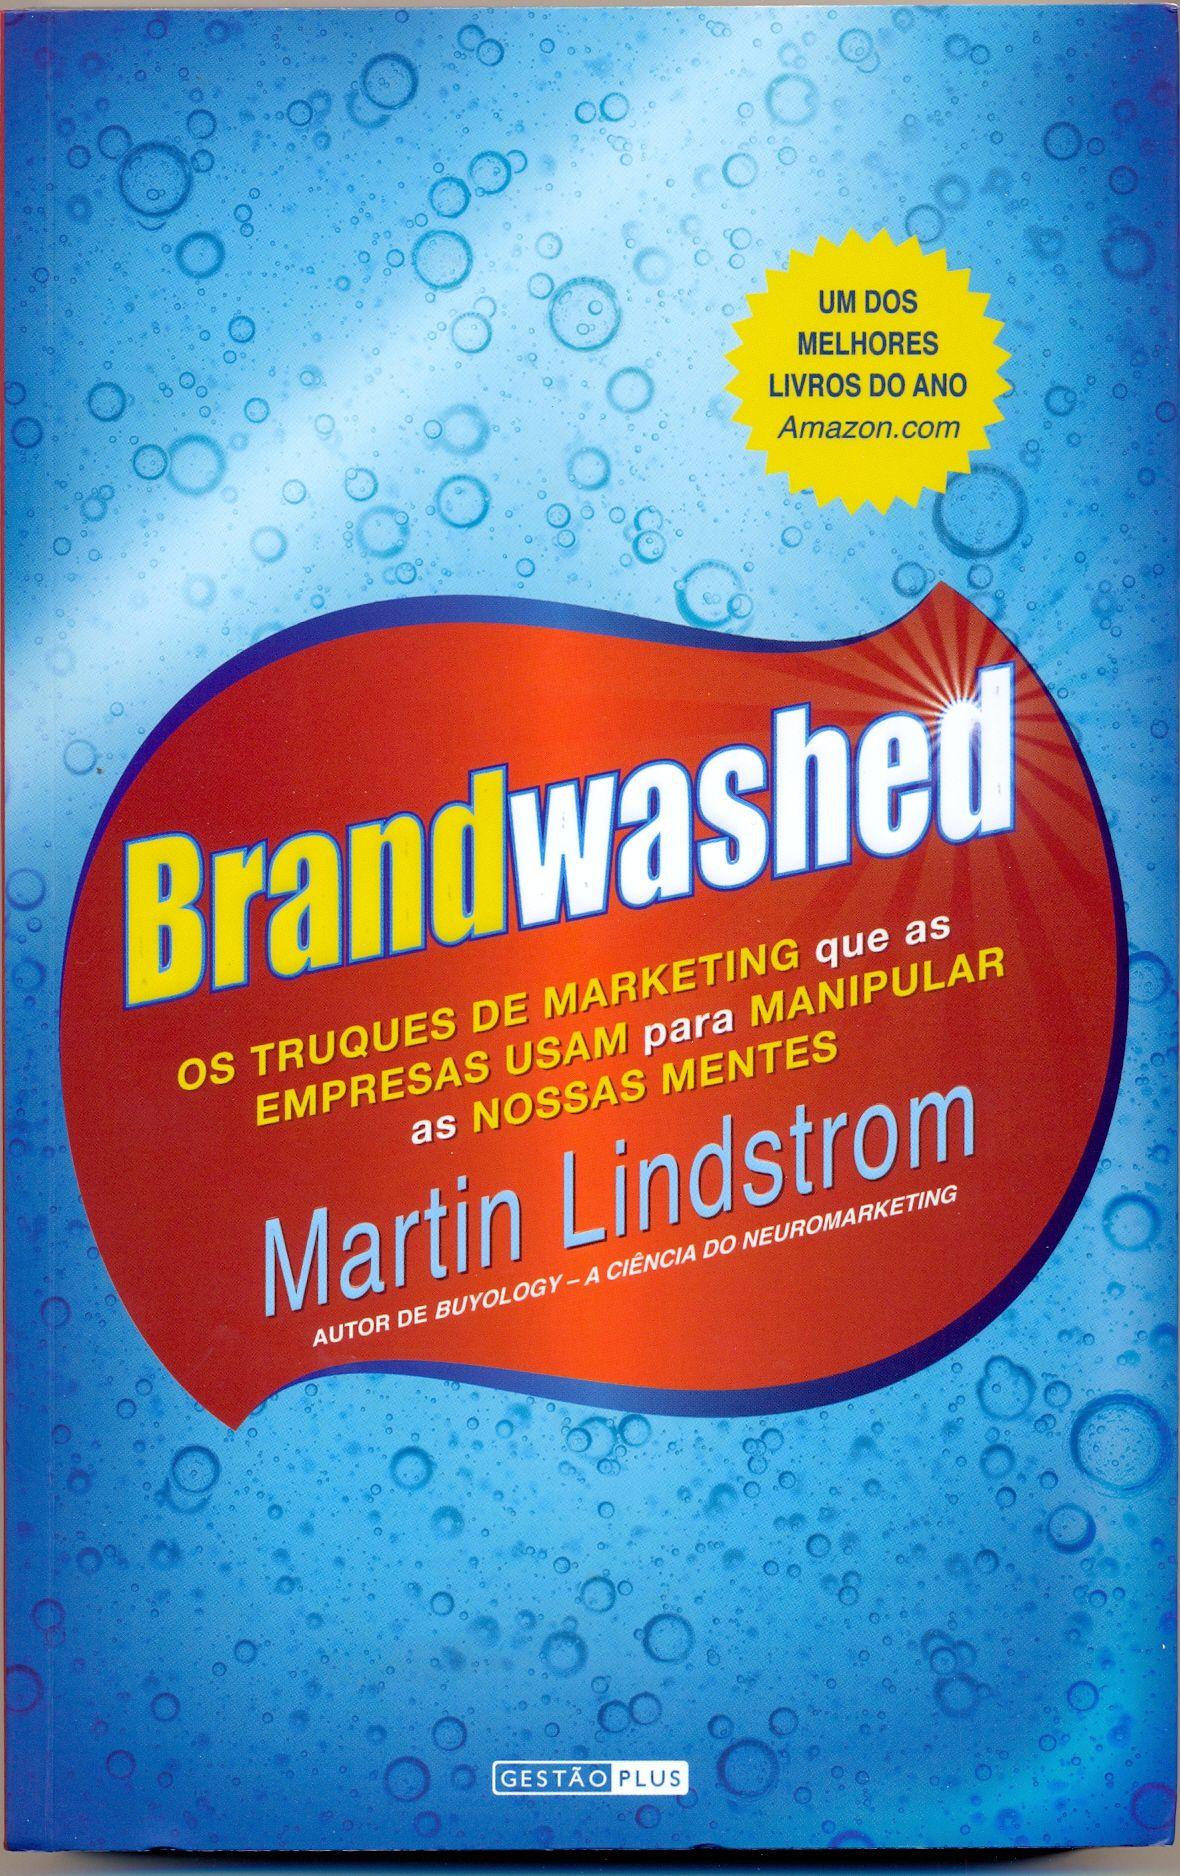 BRANDWASHED, Os truques de marketing que as empresas usam para manipular as nossas mentes, leia tudo em http://wp.me/p3AxxJ-1D